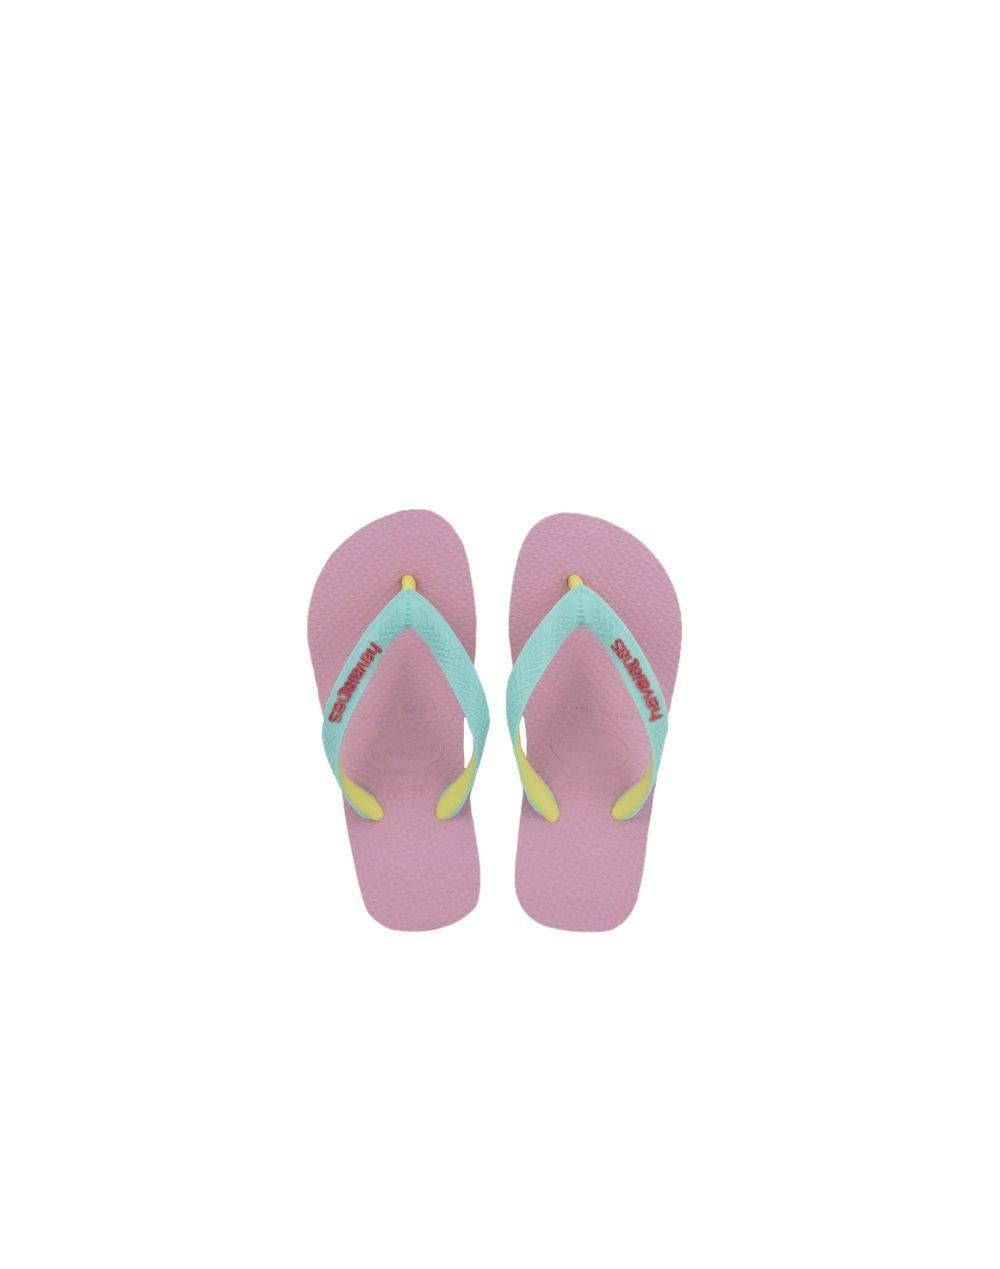 Havaianas Top Mix (4115549 7937) Rose Quartz / Ice B